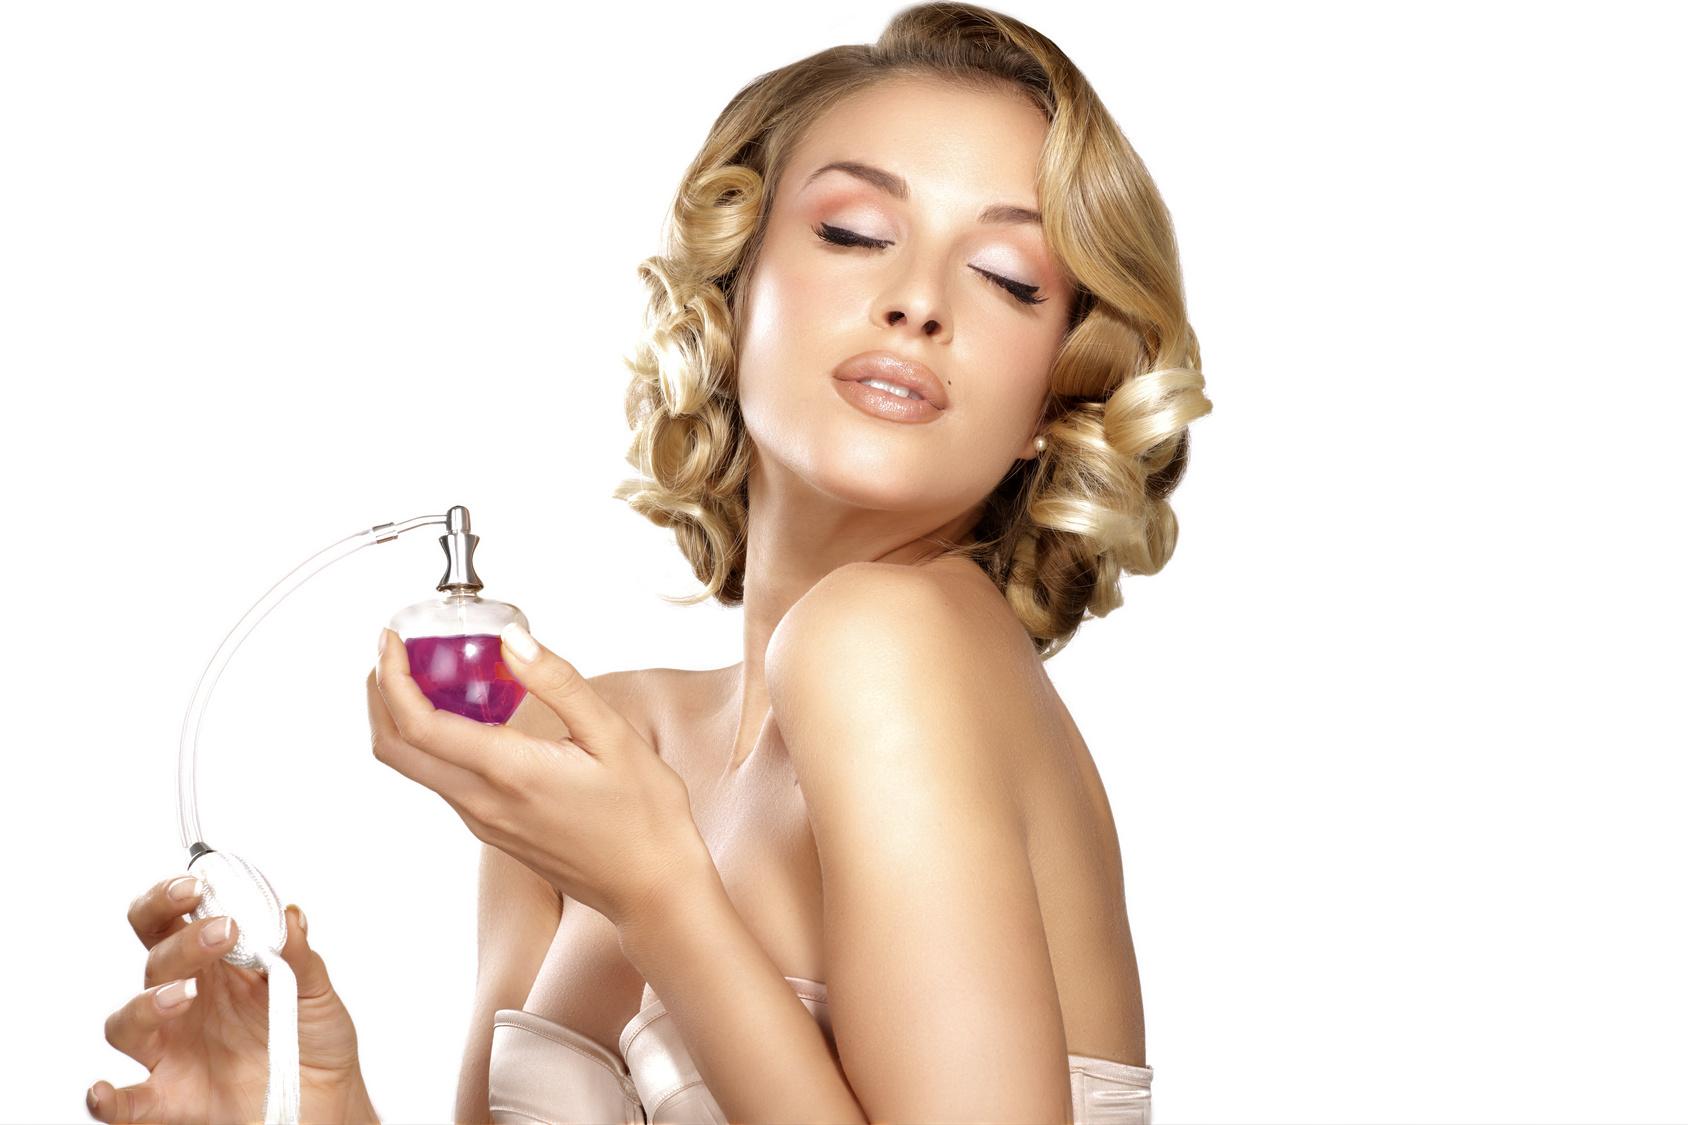 Psychologia zapachu: uwodzicielskie perfumy